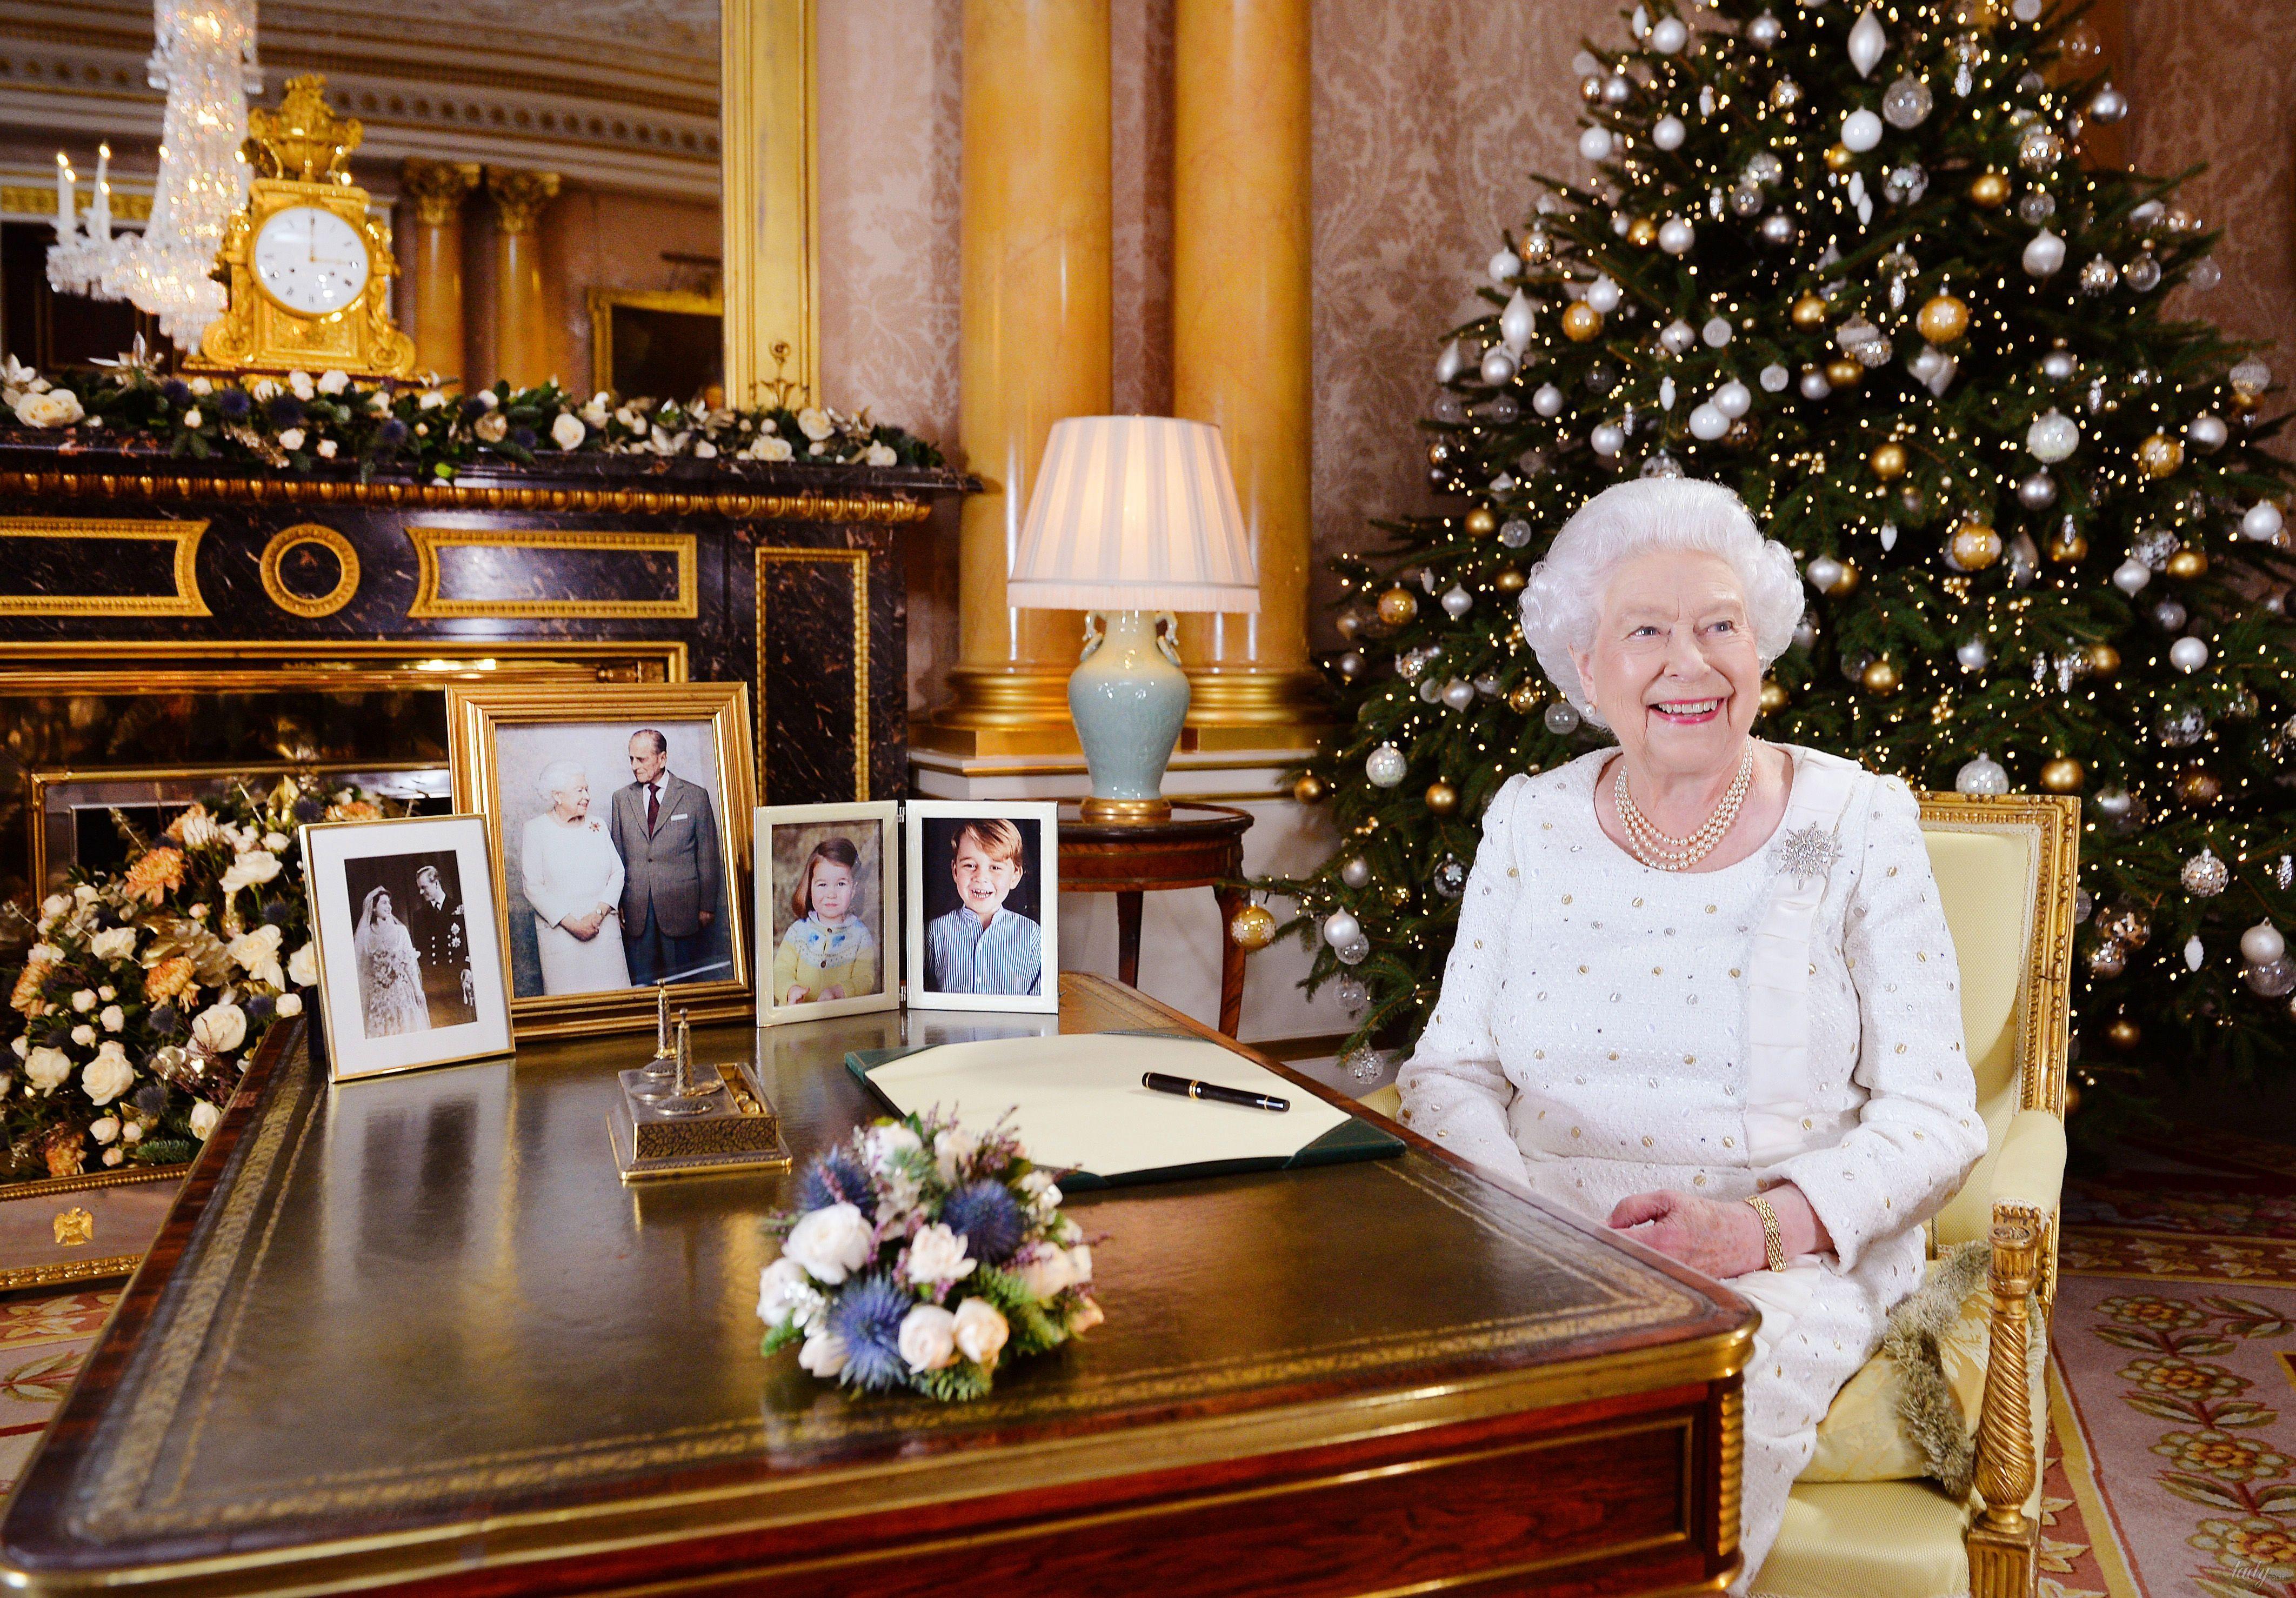 Королева елизавета 2 рождественское поздравление фото 600